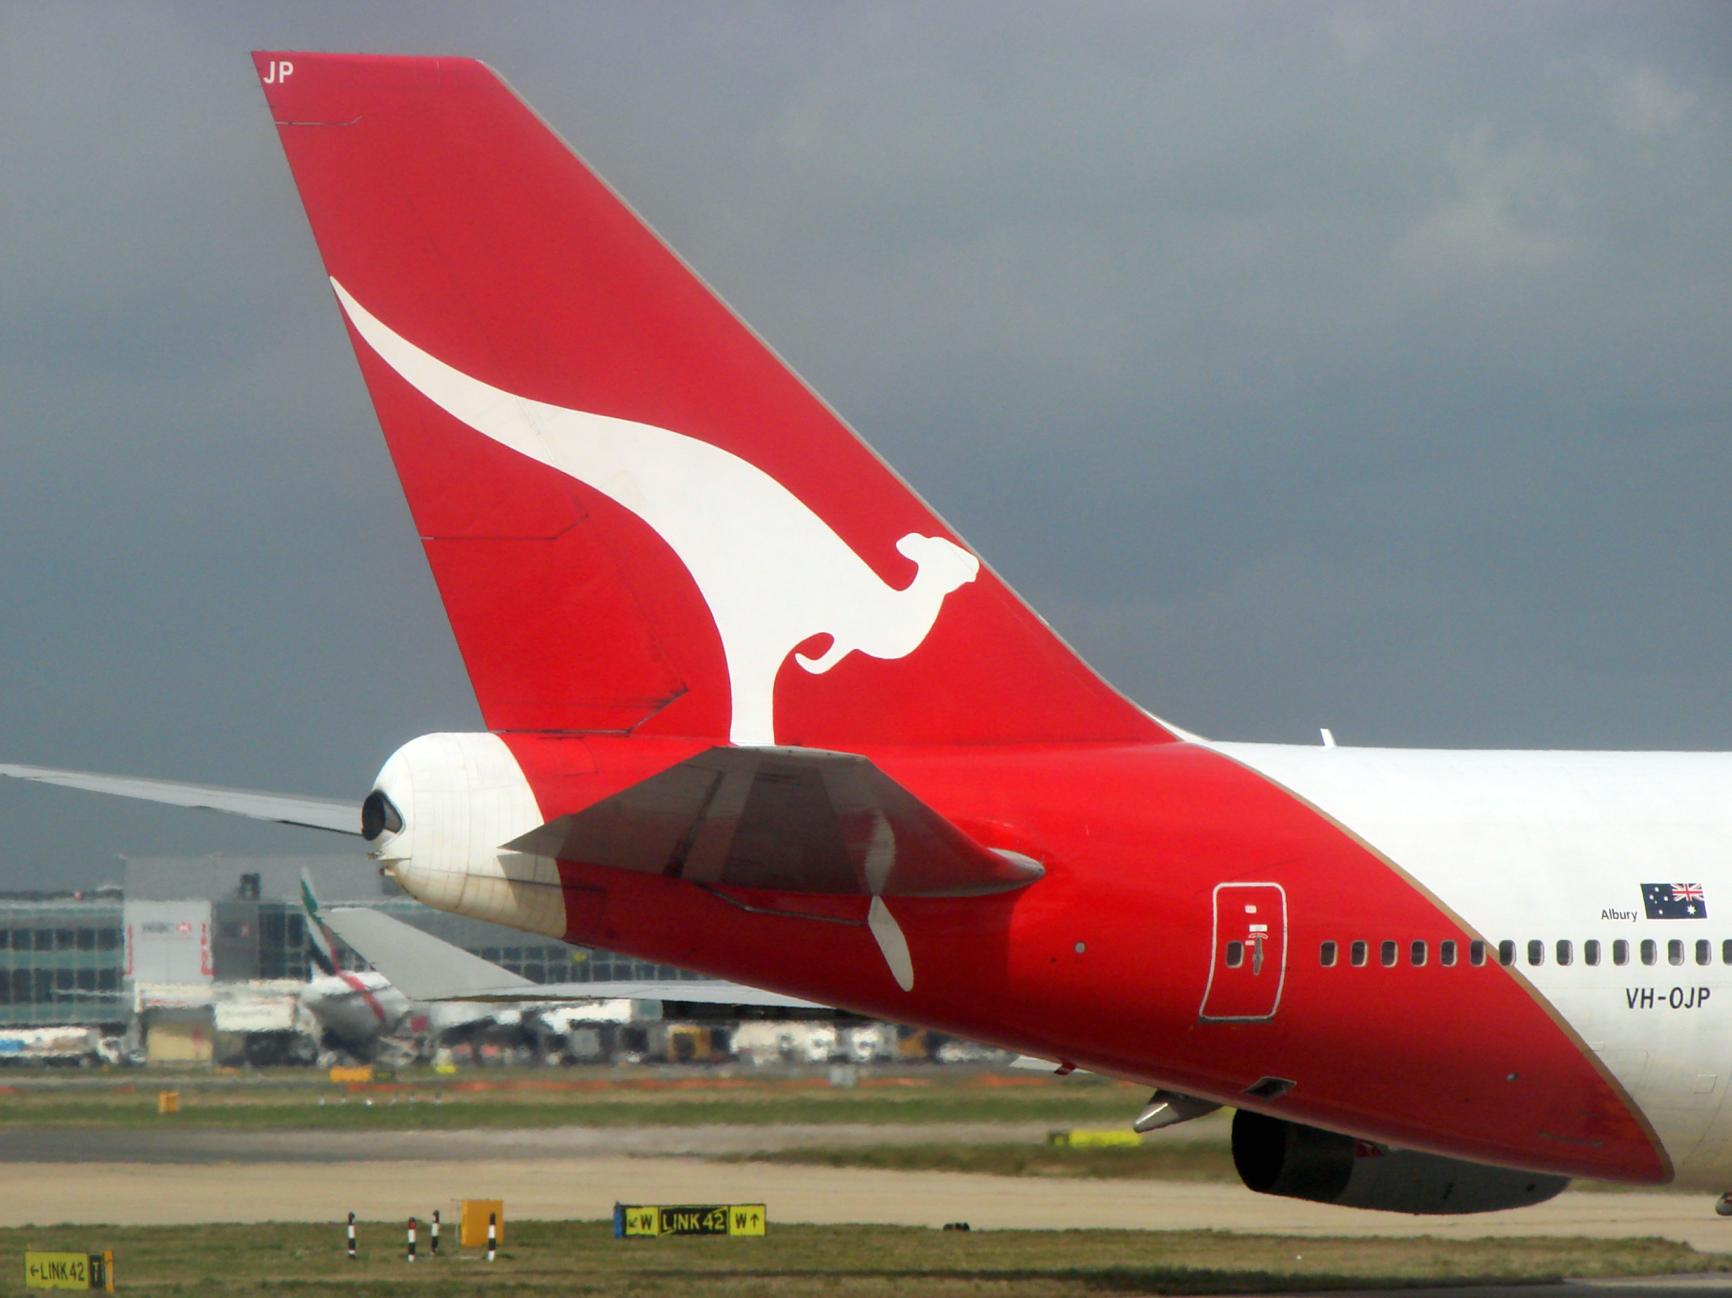 La aerolínea australiana Qantas logra un beneficio de 4,4 millones de dólares